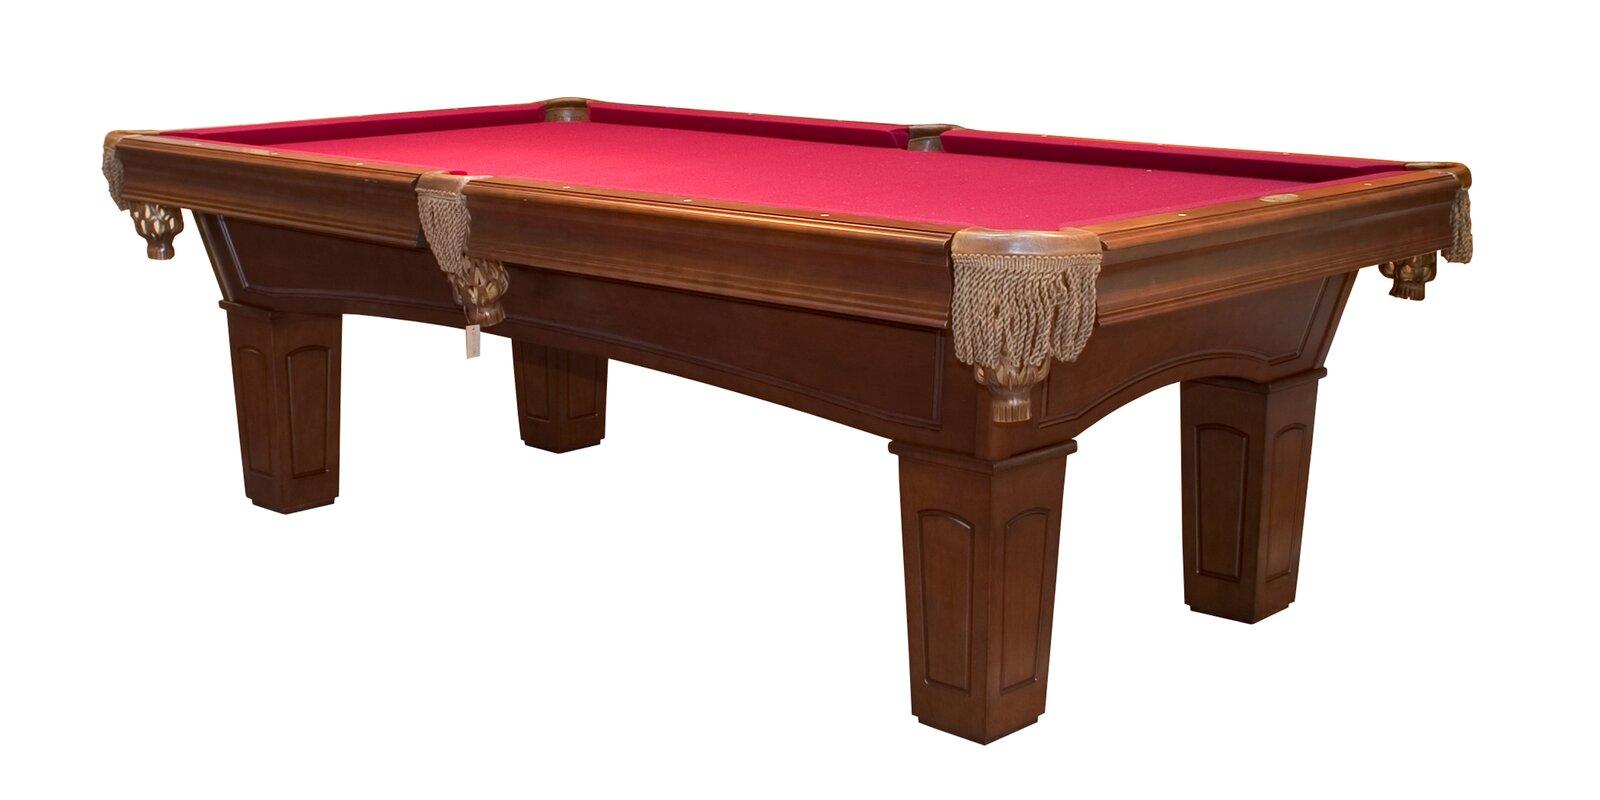 Sierra 8u0027 Pool Table